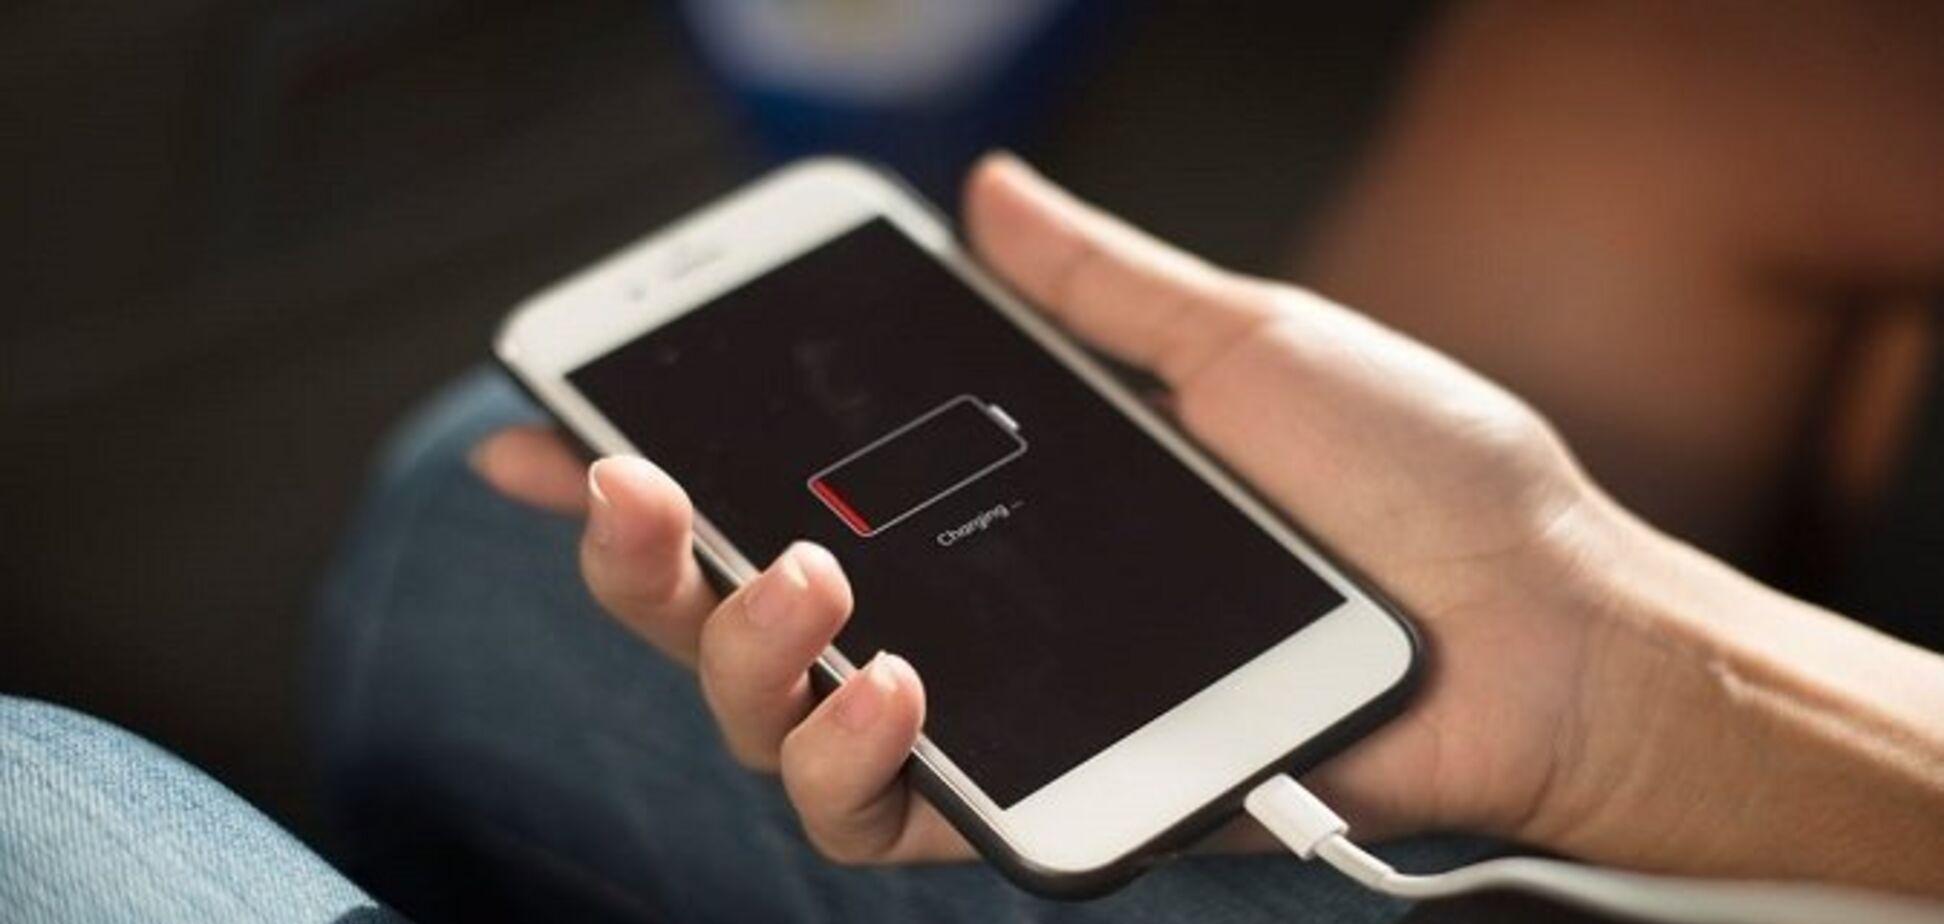 Заряжать телефон нужно правильно: три решения, которые позволят не убить гаджет